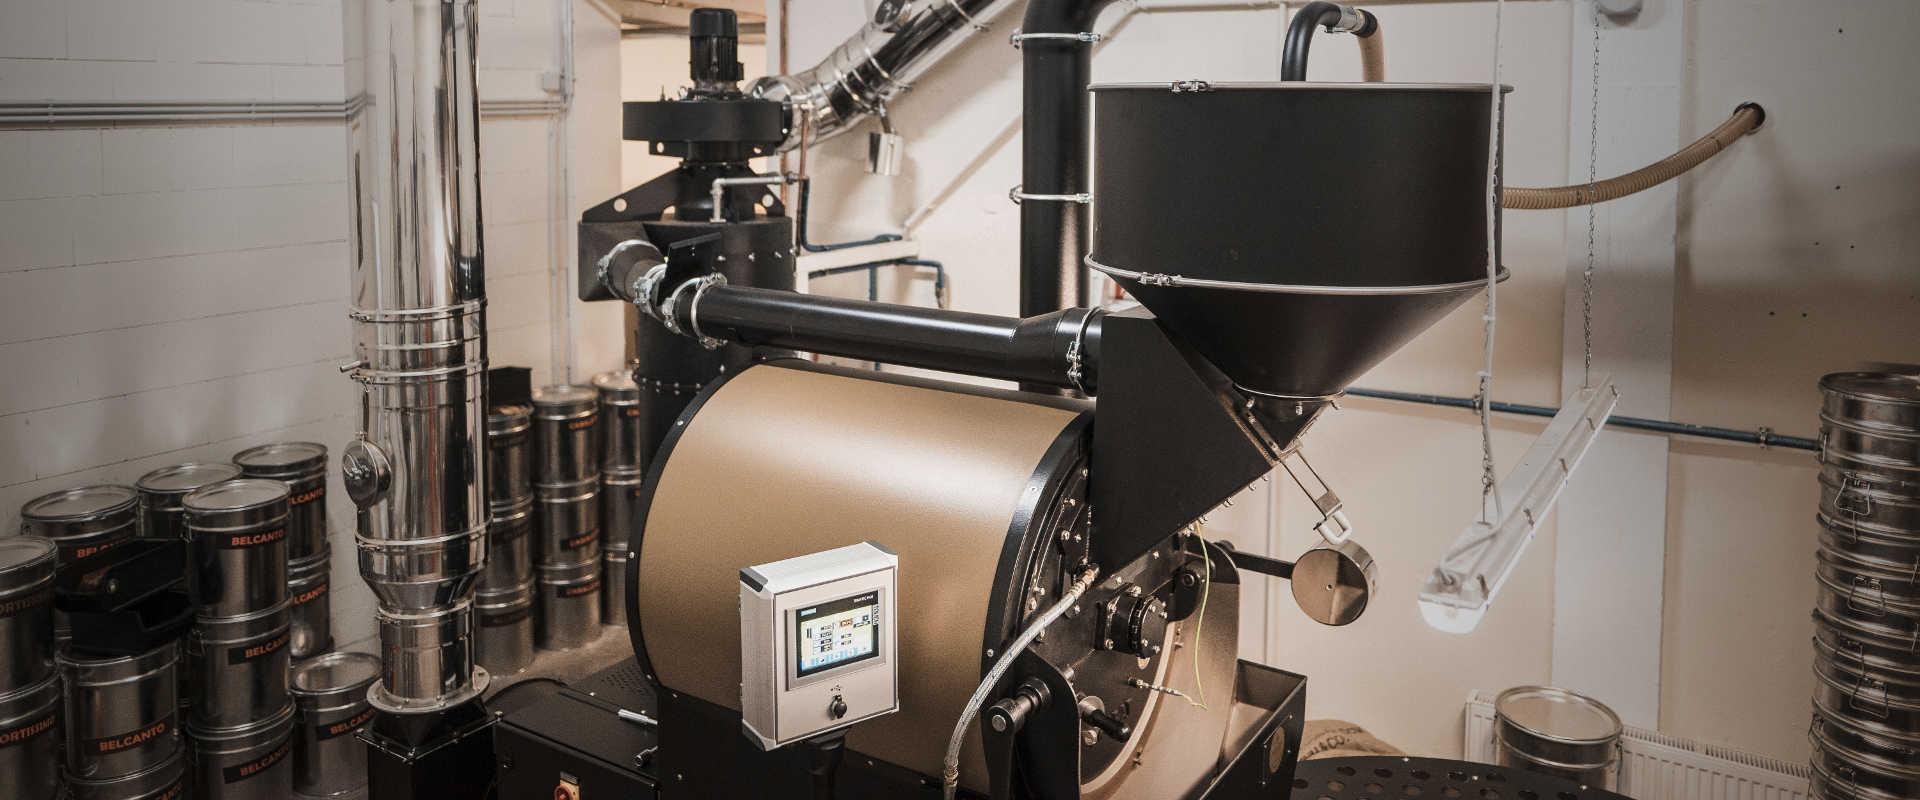 Kaffeerösterei - Röstmaschine 60 Kilo Probat